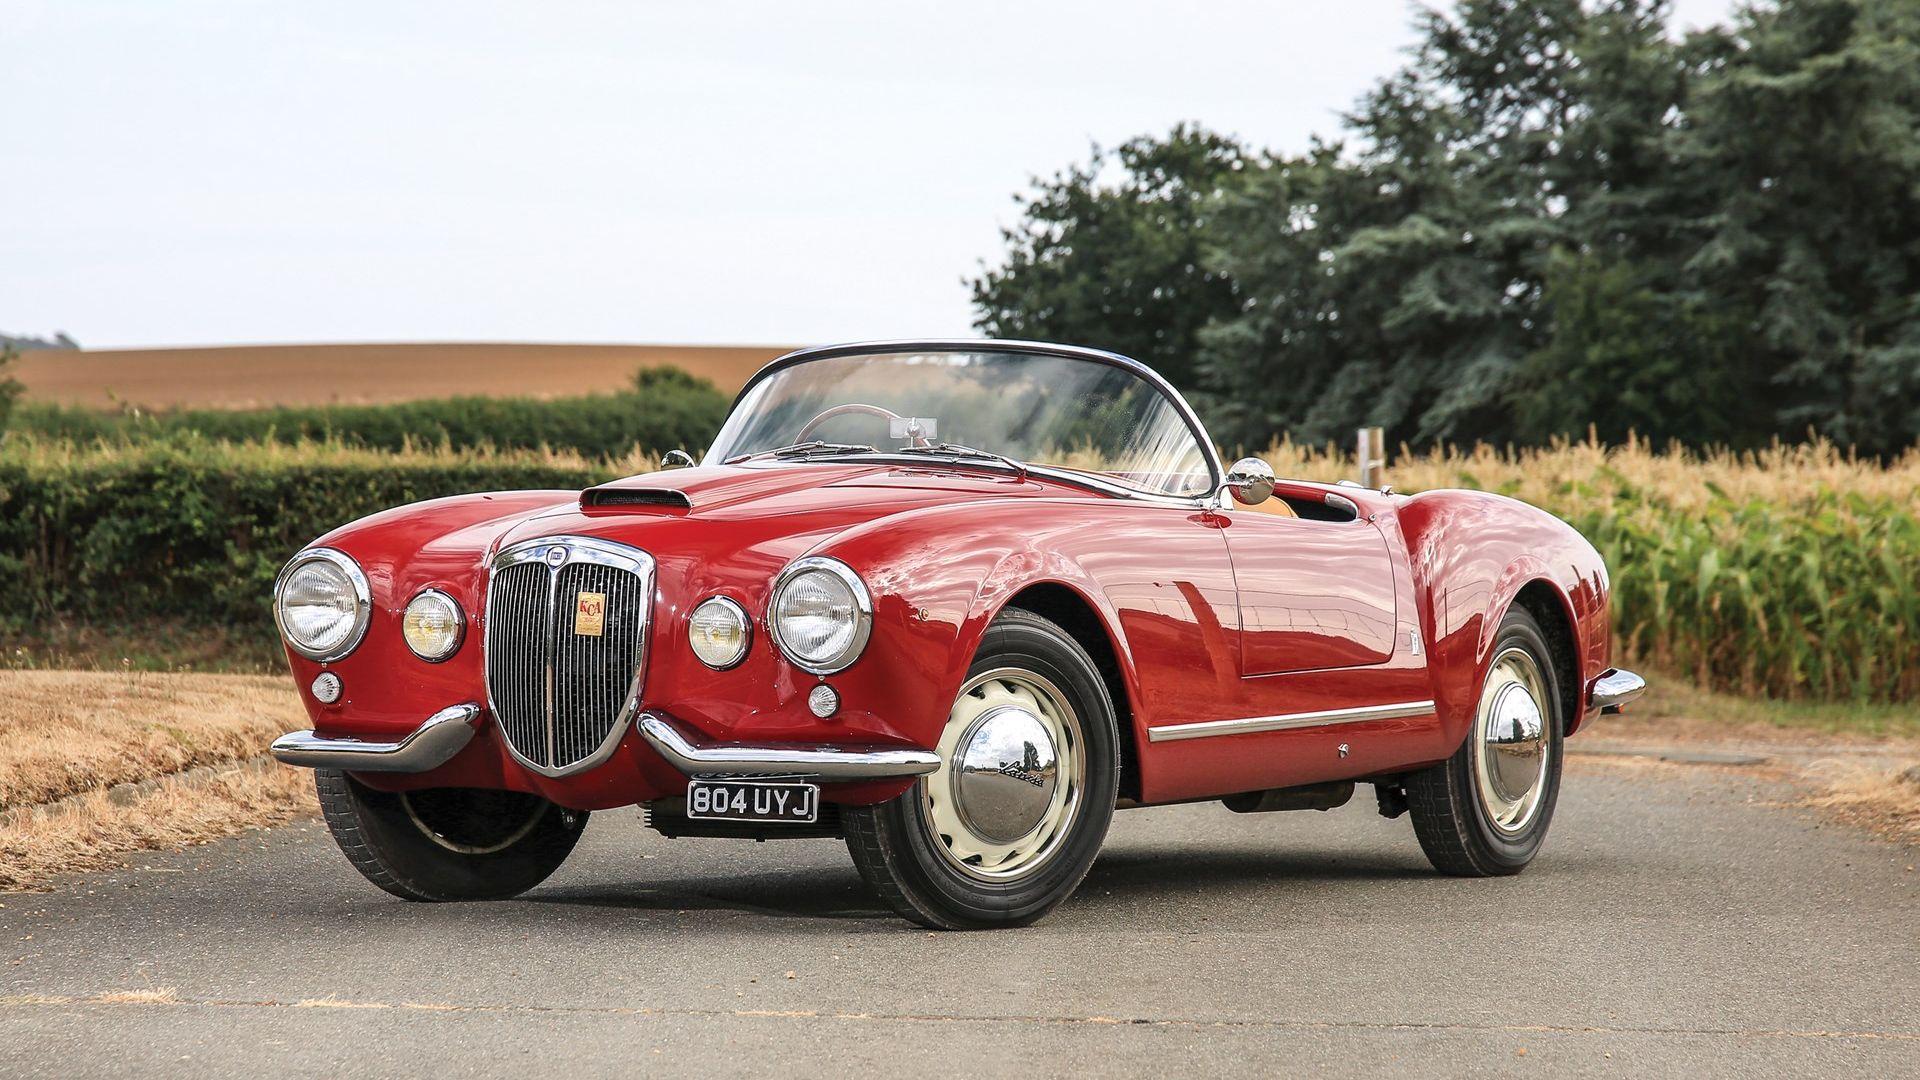 1955 Lancia Aurelia B24 Spider America by Pinin Farina